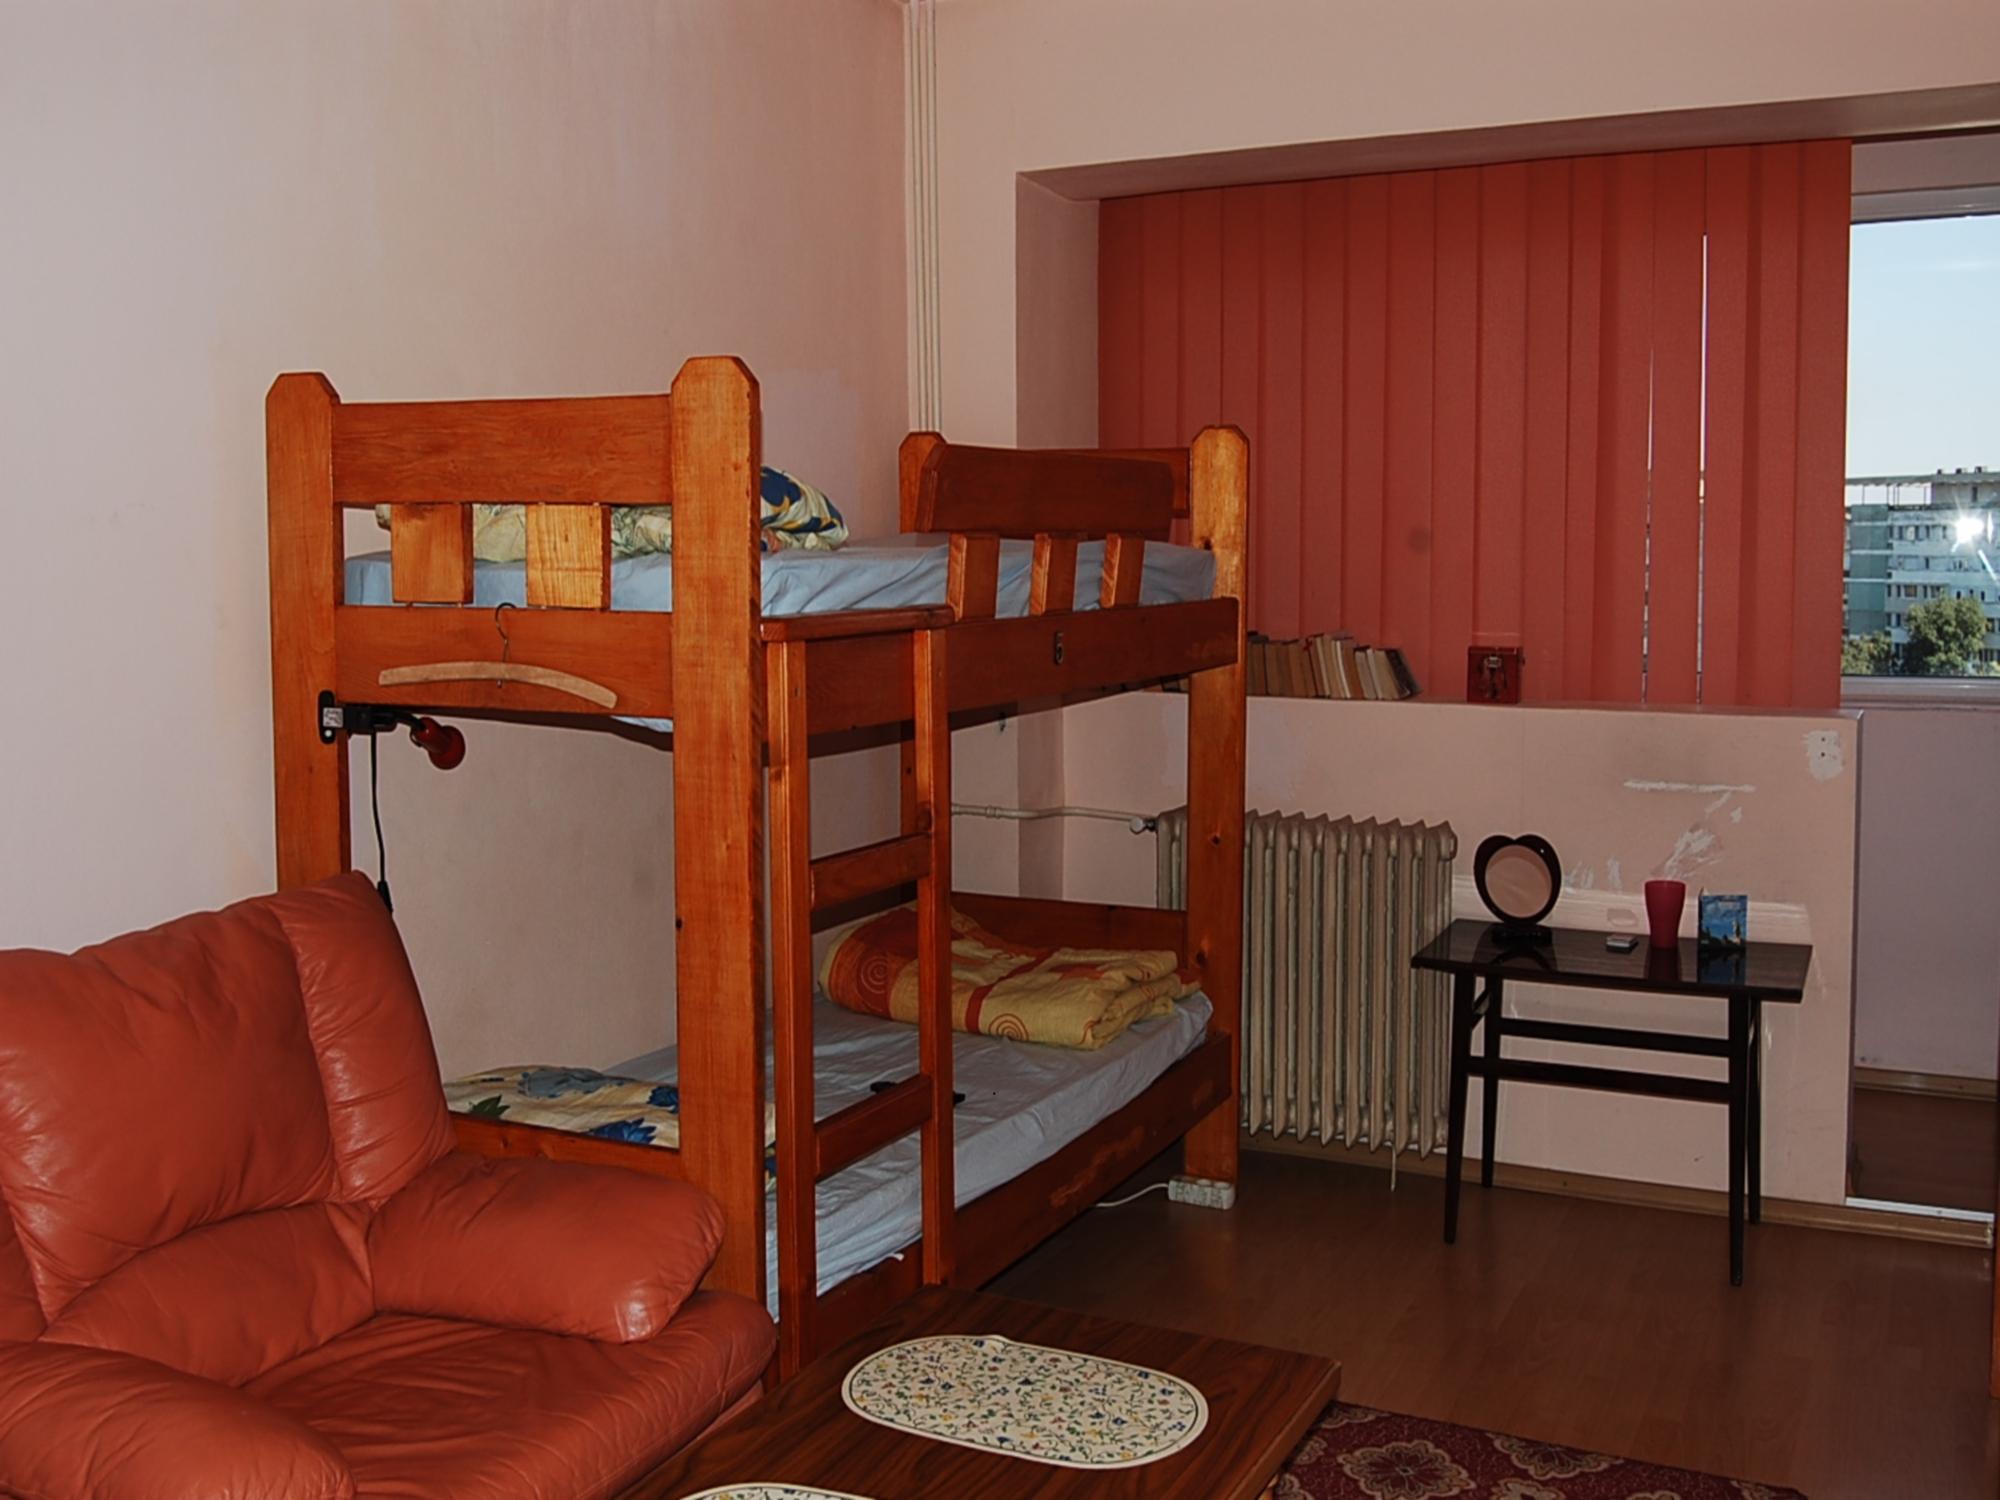 Hostel Tina